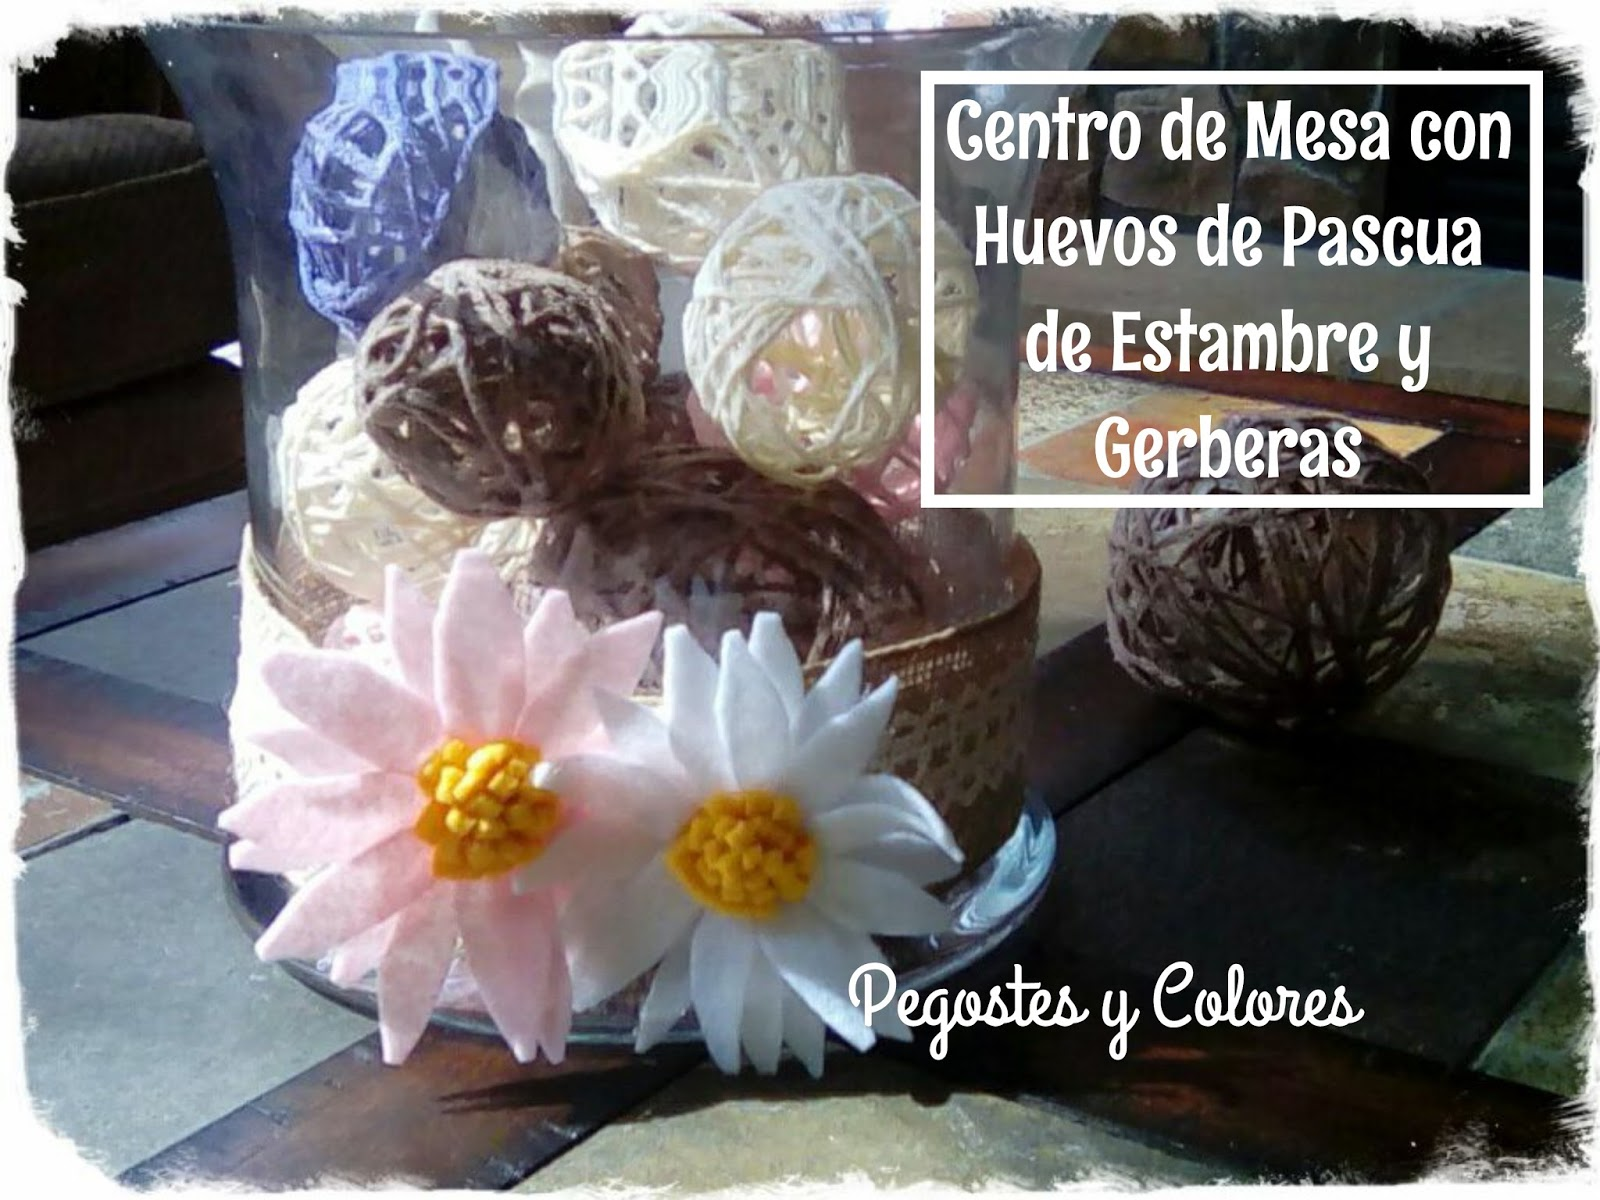 Pegostes y colores decoracion de pascua corona velas y - Centros de mesa de pascua ...